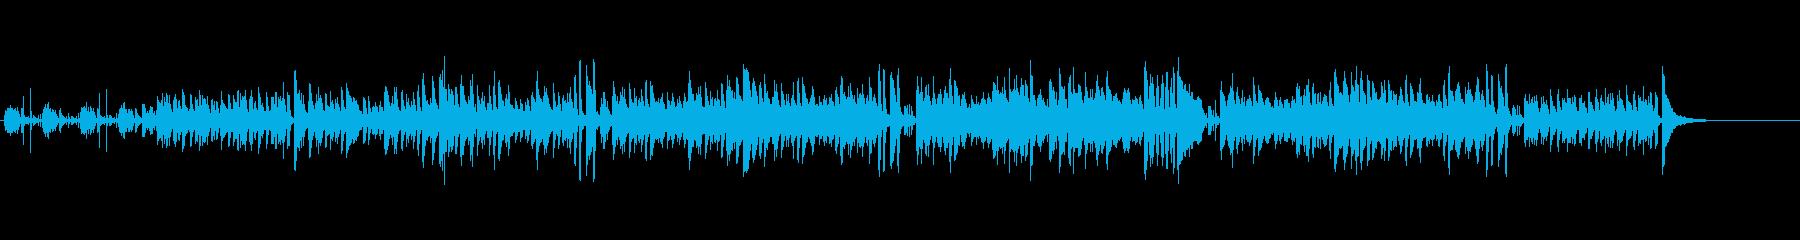 陽当たり的なイメージを持つボサノバ調の再生済みの波形